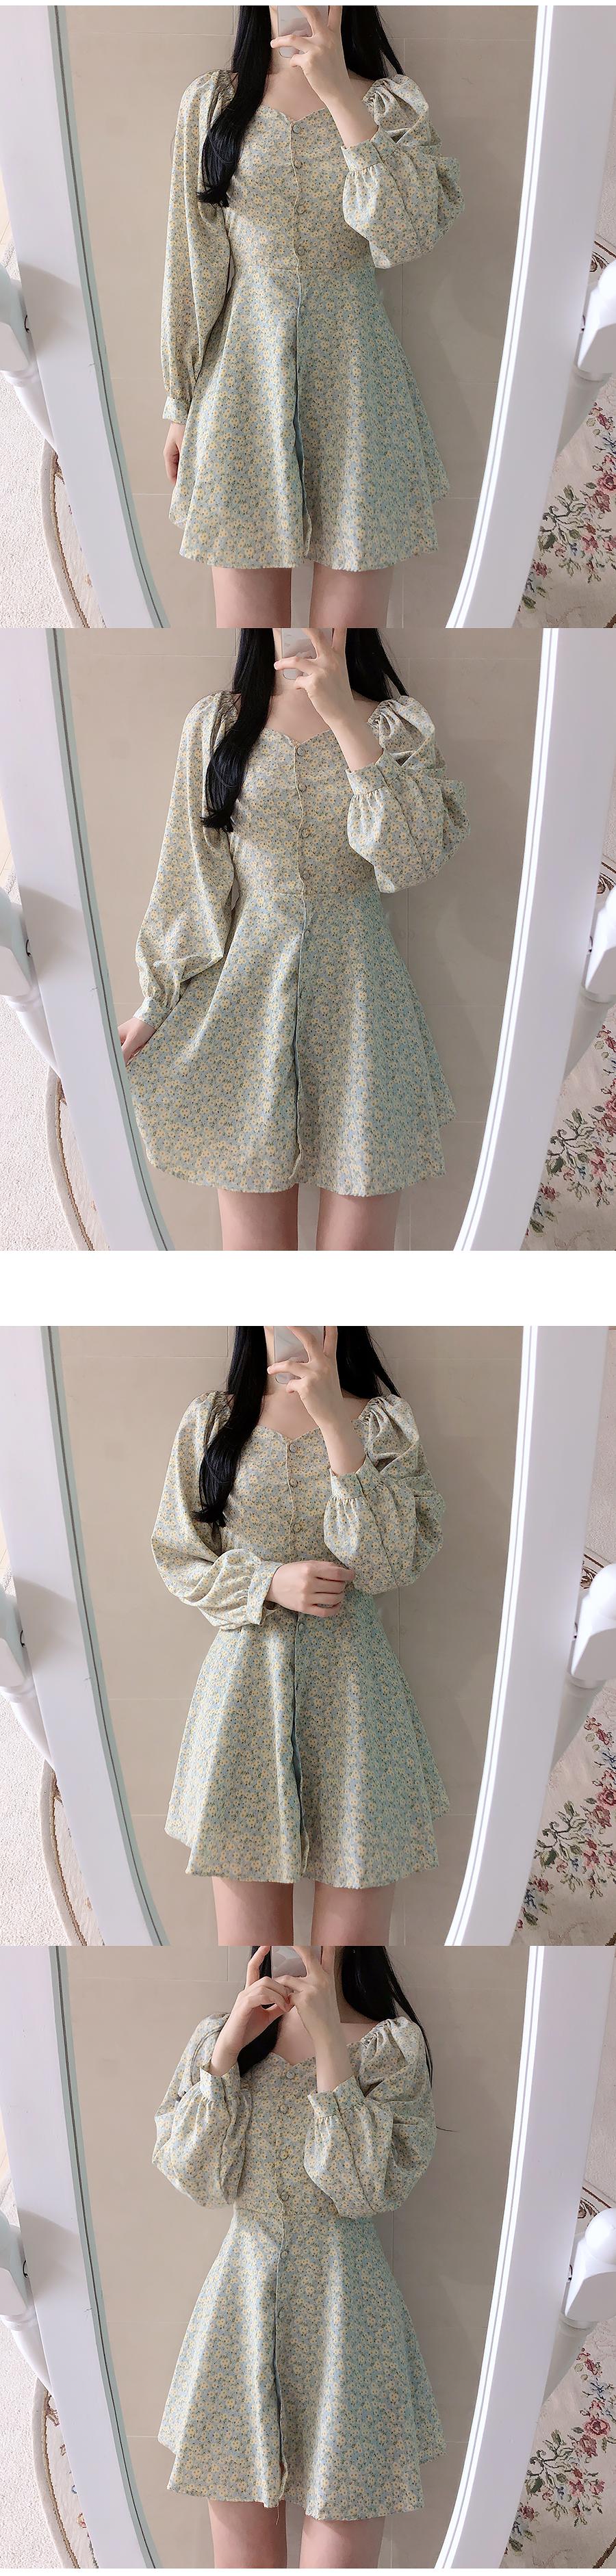 Wendy floral shoulder dress